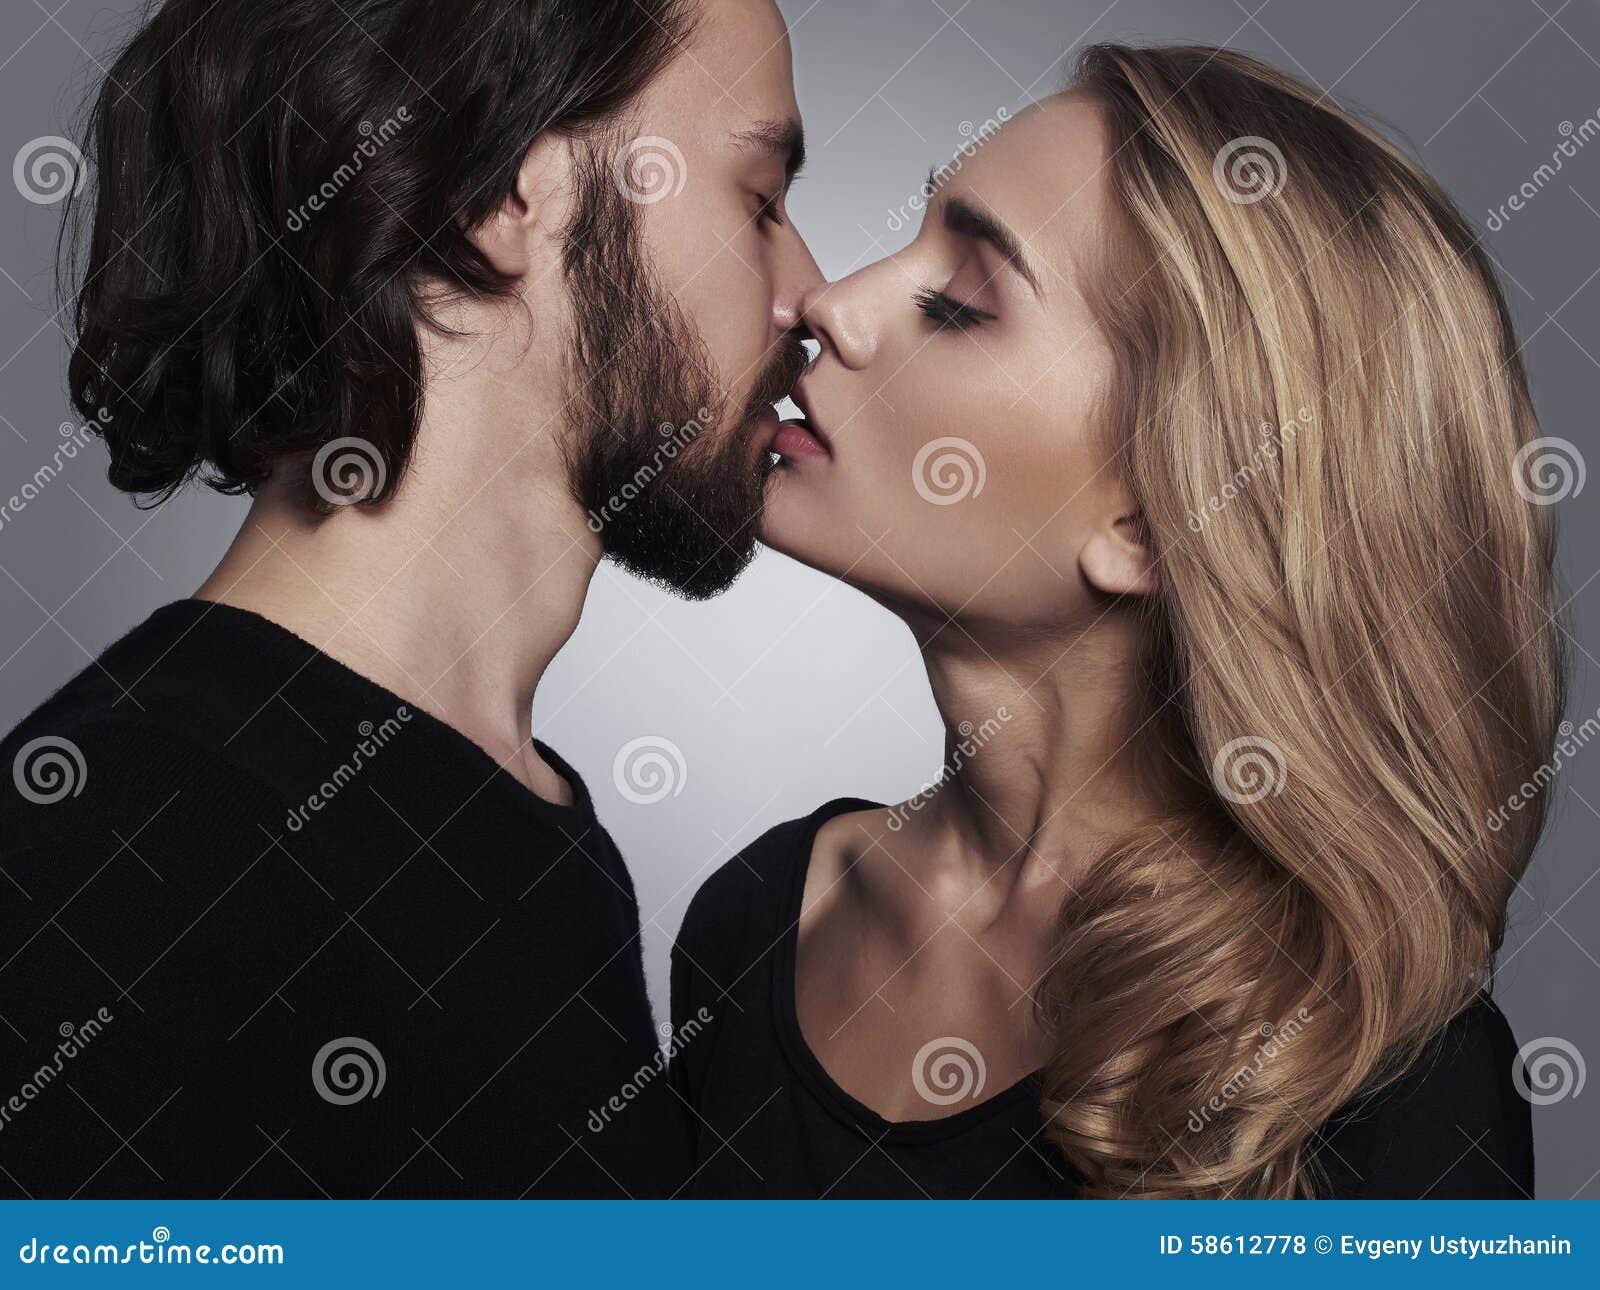 φίλημα ζευγών όμορφη γυναίκα και όμορφος άνδρας καλά αγόρι και κορίτσι